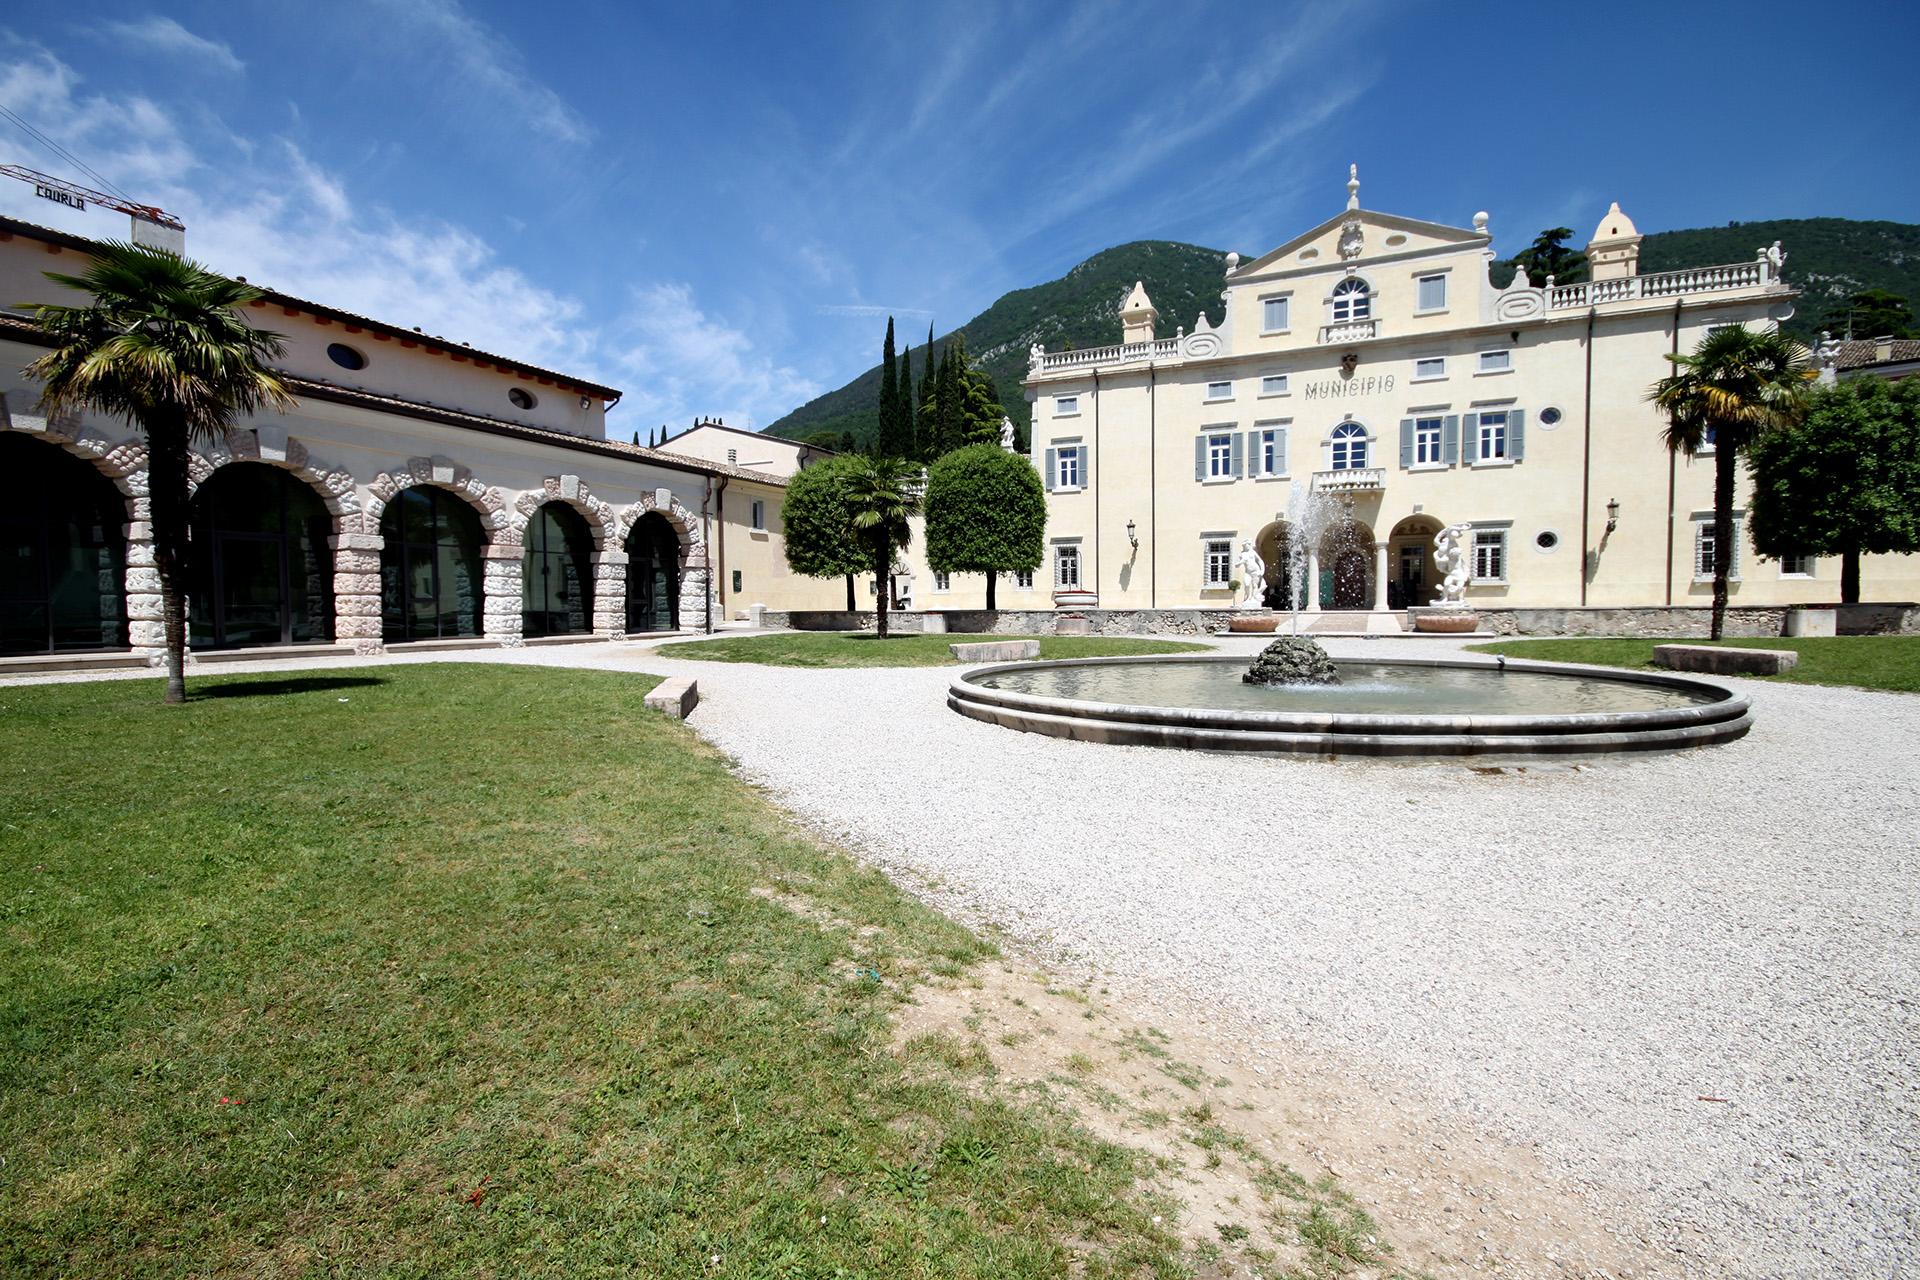 municipio Caprino Veronese Villa Carlotti